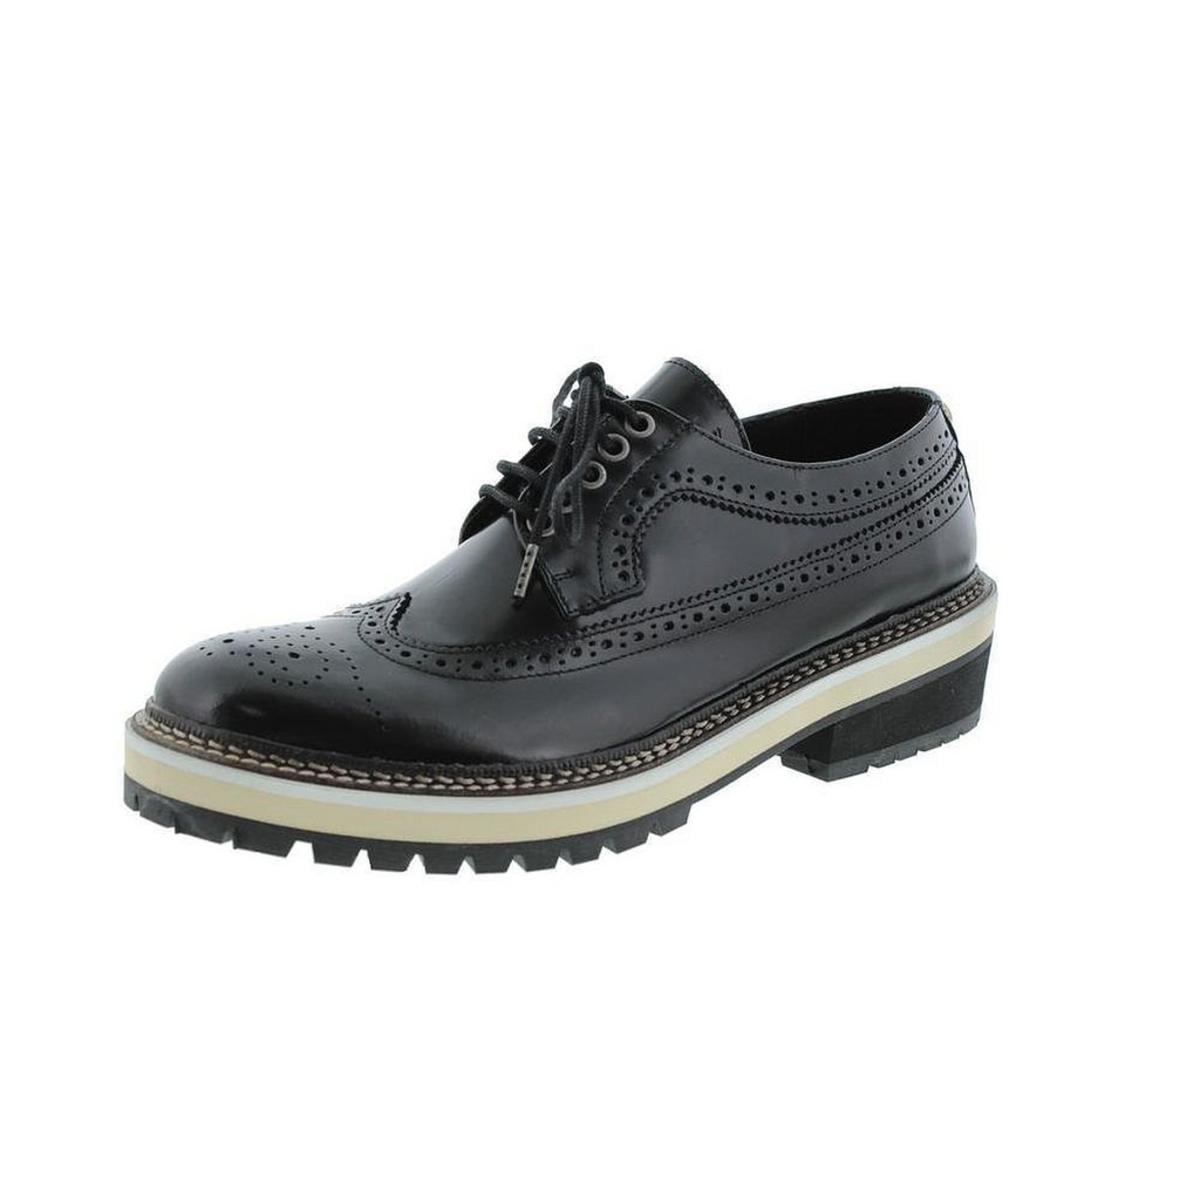 Diesel Women's Whity Swan Black Shoe 10M